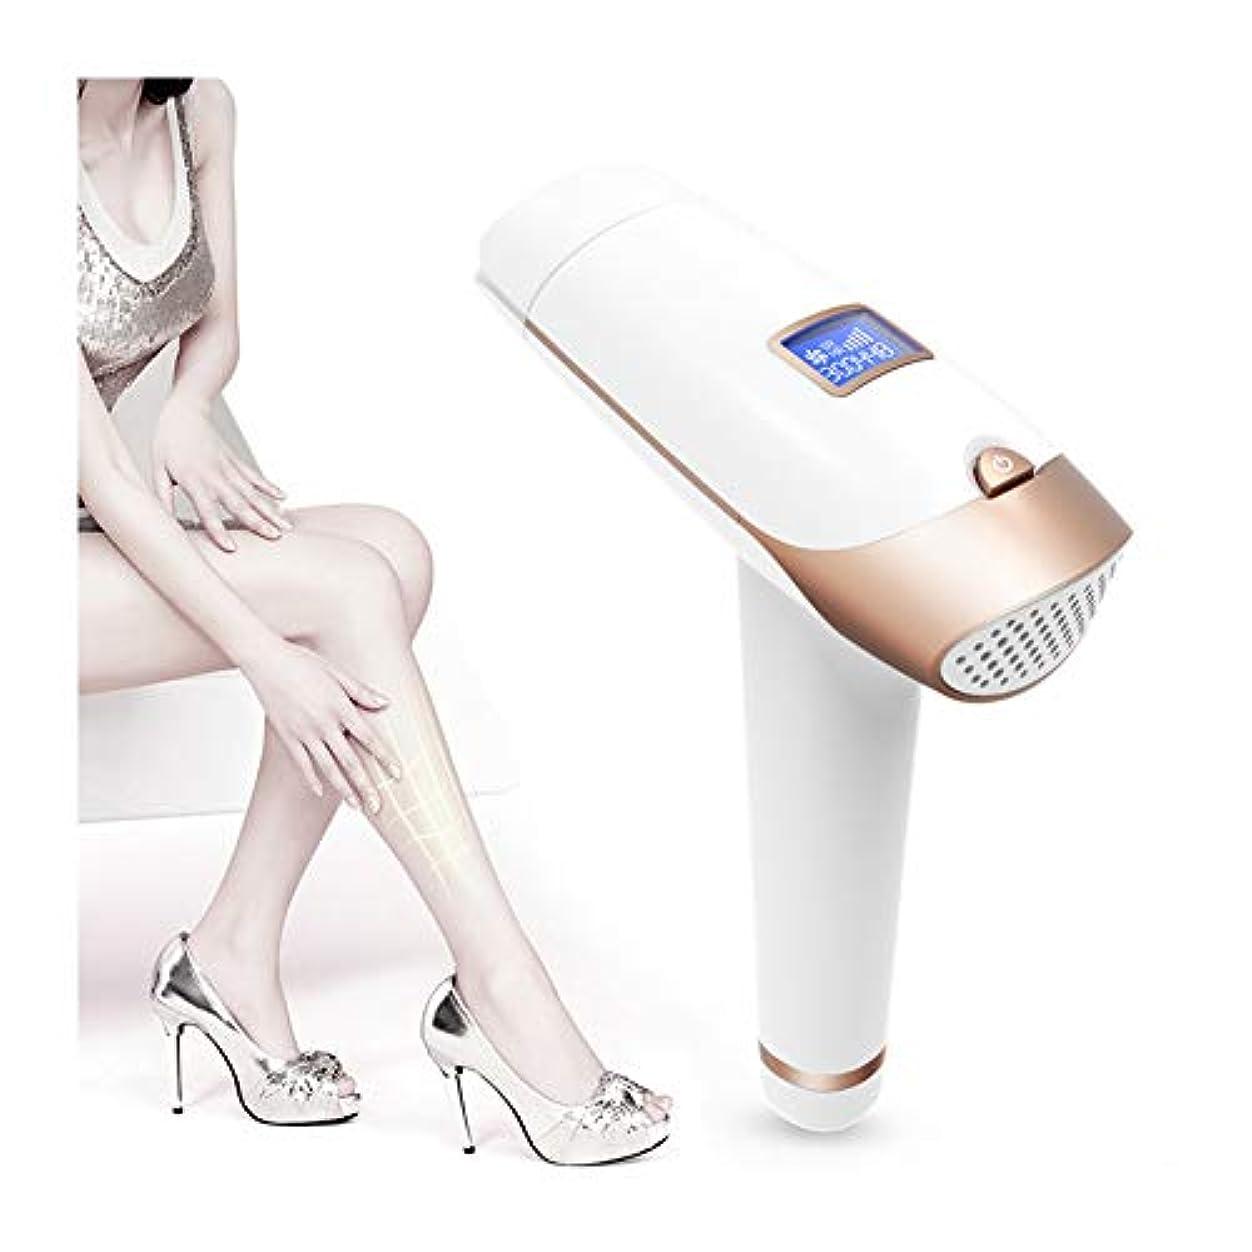 勝者構成員感謝する女性のためのIPLの毛の取り外し装置IPLの毛の除去剤、IPLレーザーの毛の取り外し、凍結ポイント痛みのない永久的なレーザーの毛の取り外し機械を改善して下さい